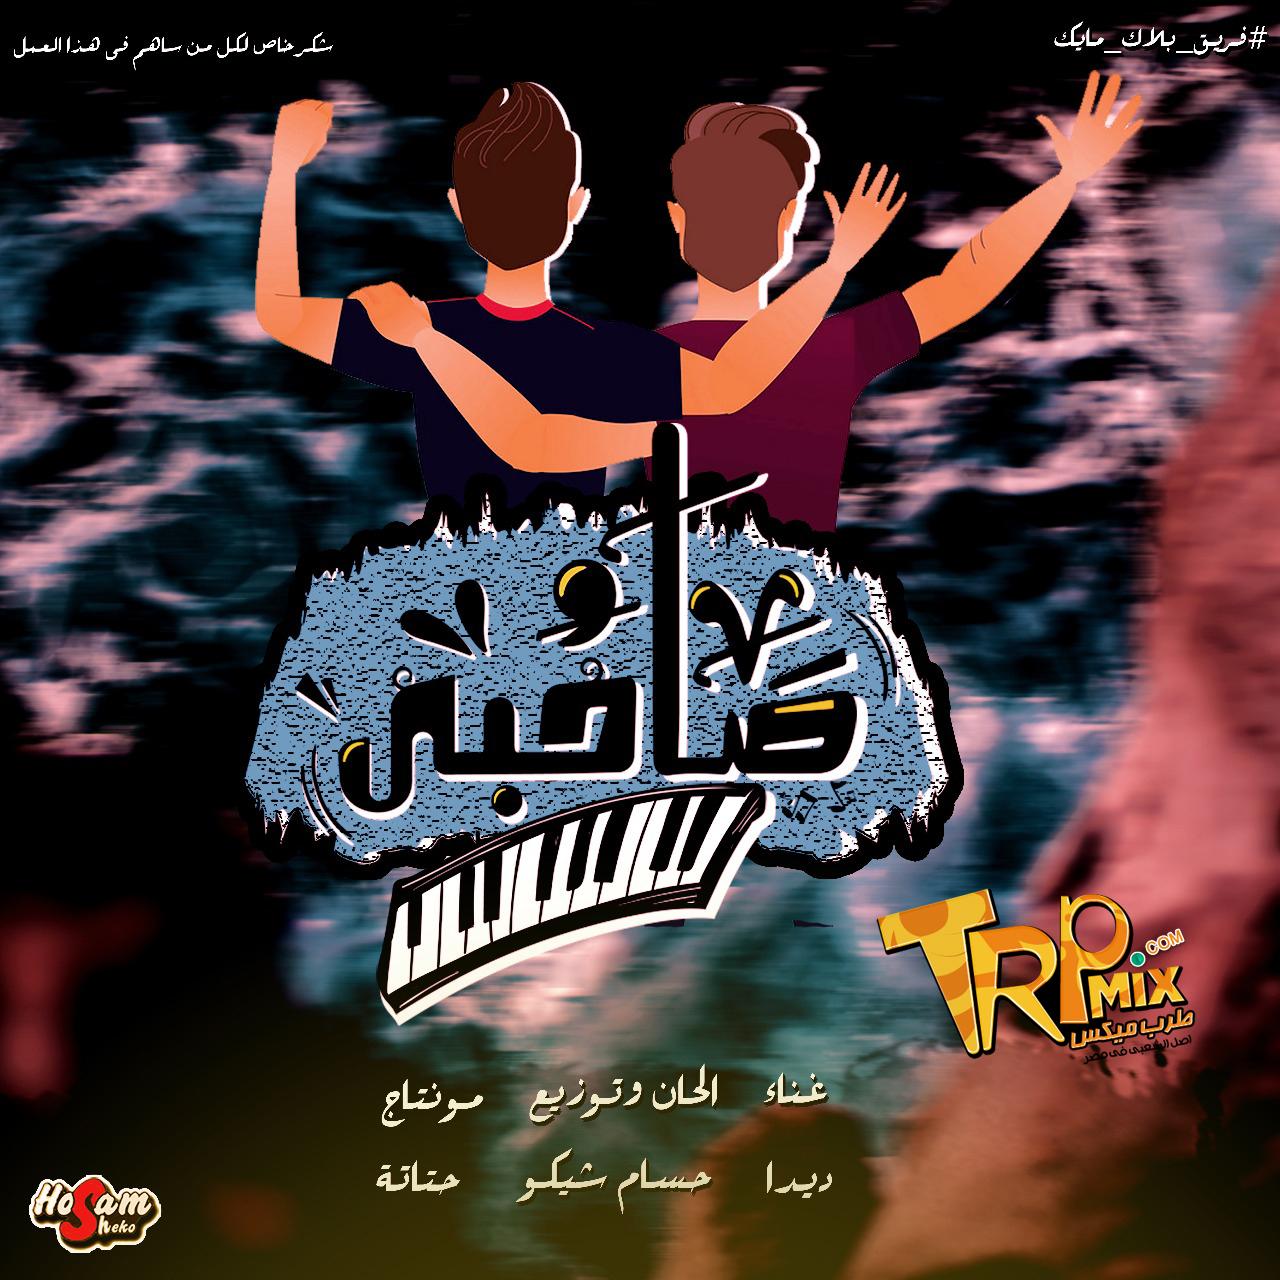 """حصريا/مهرجان صاحبي 2018 """"غناء ديدا """" الحان وتوزيع """" حسام شيكو """""""